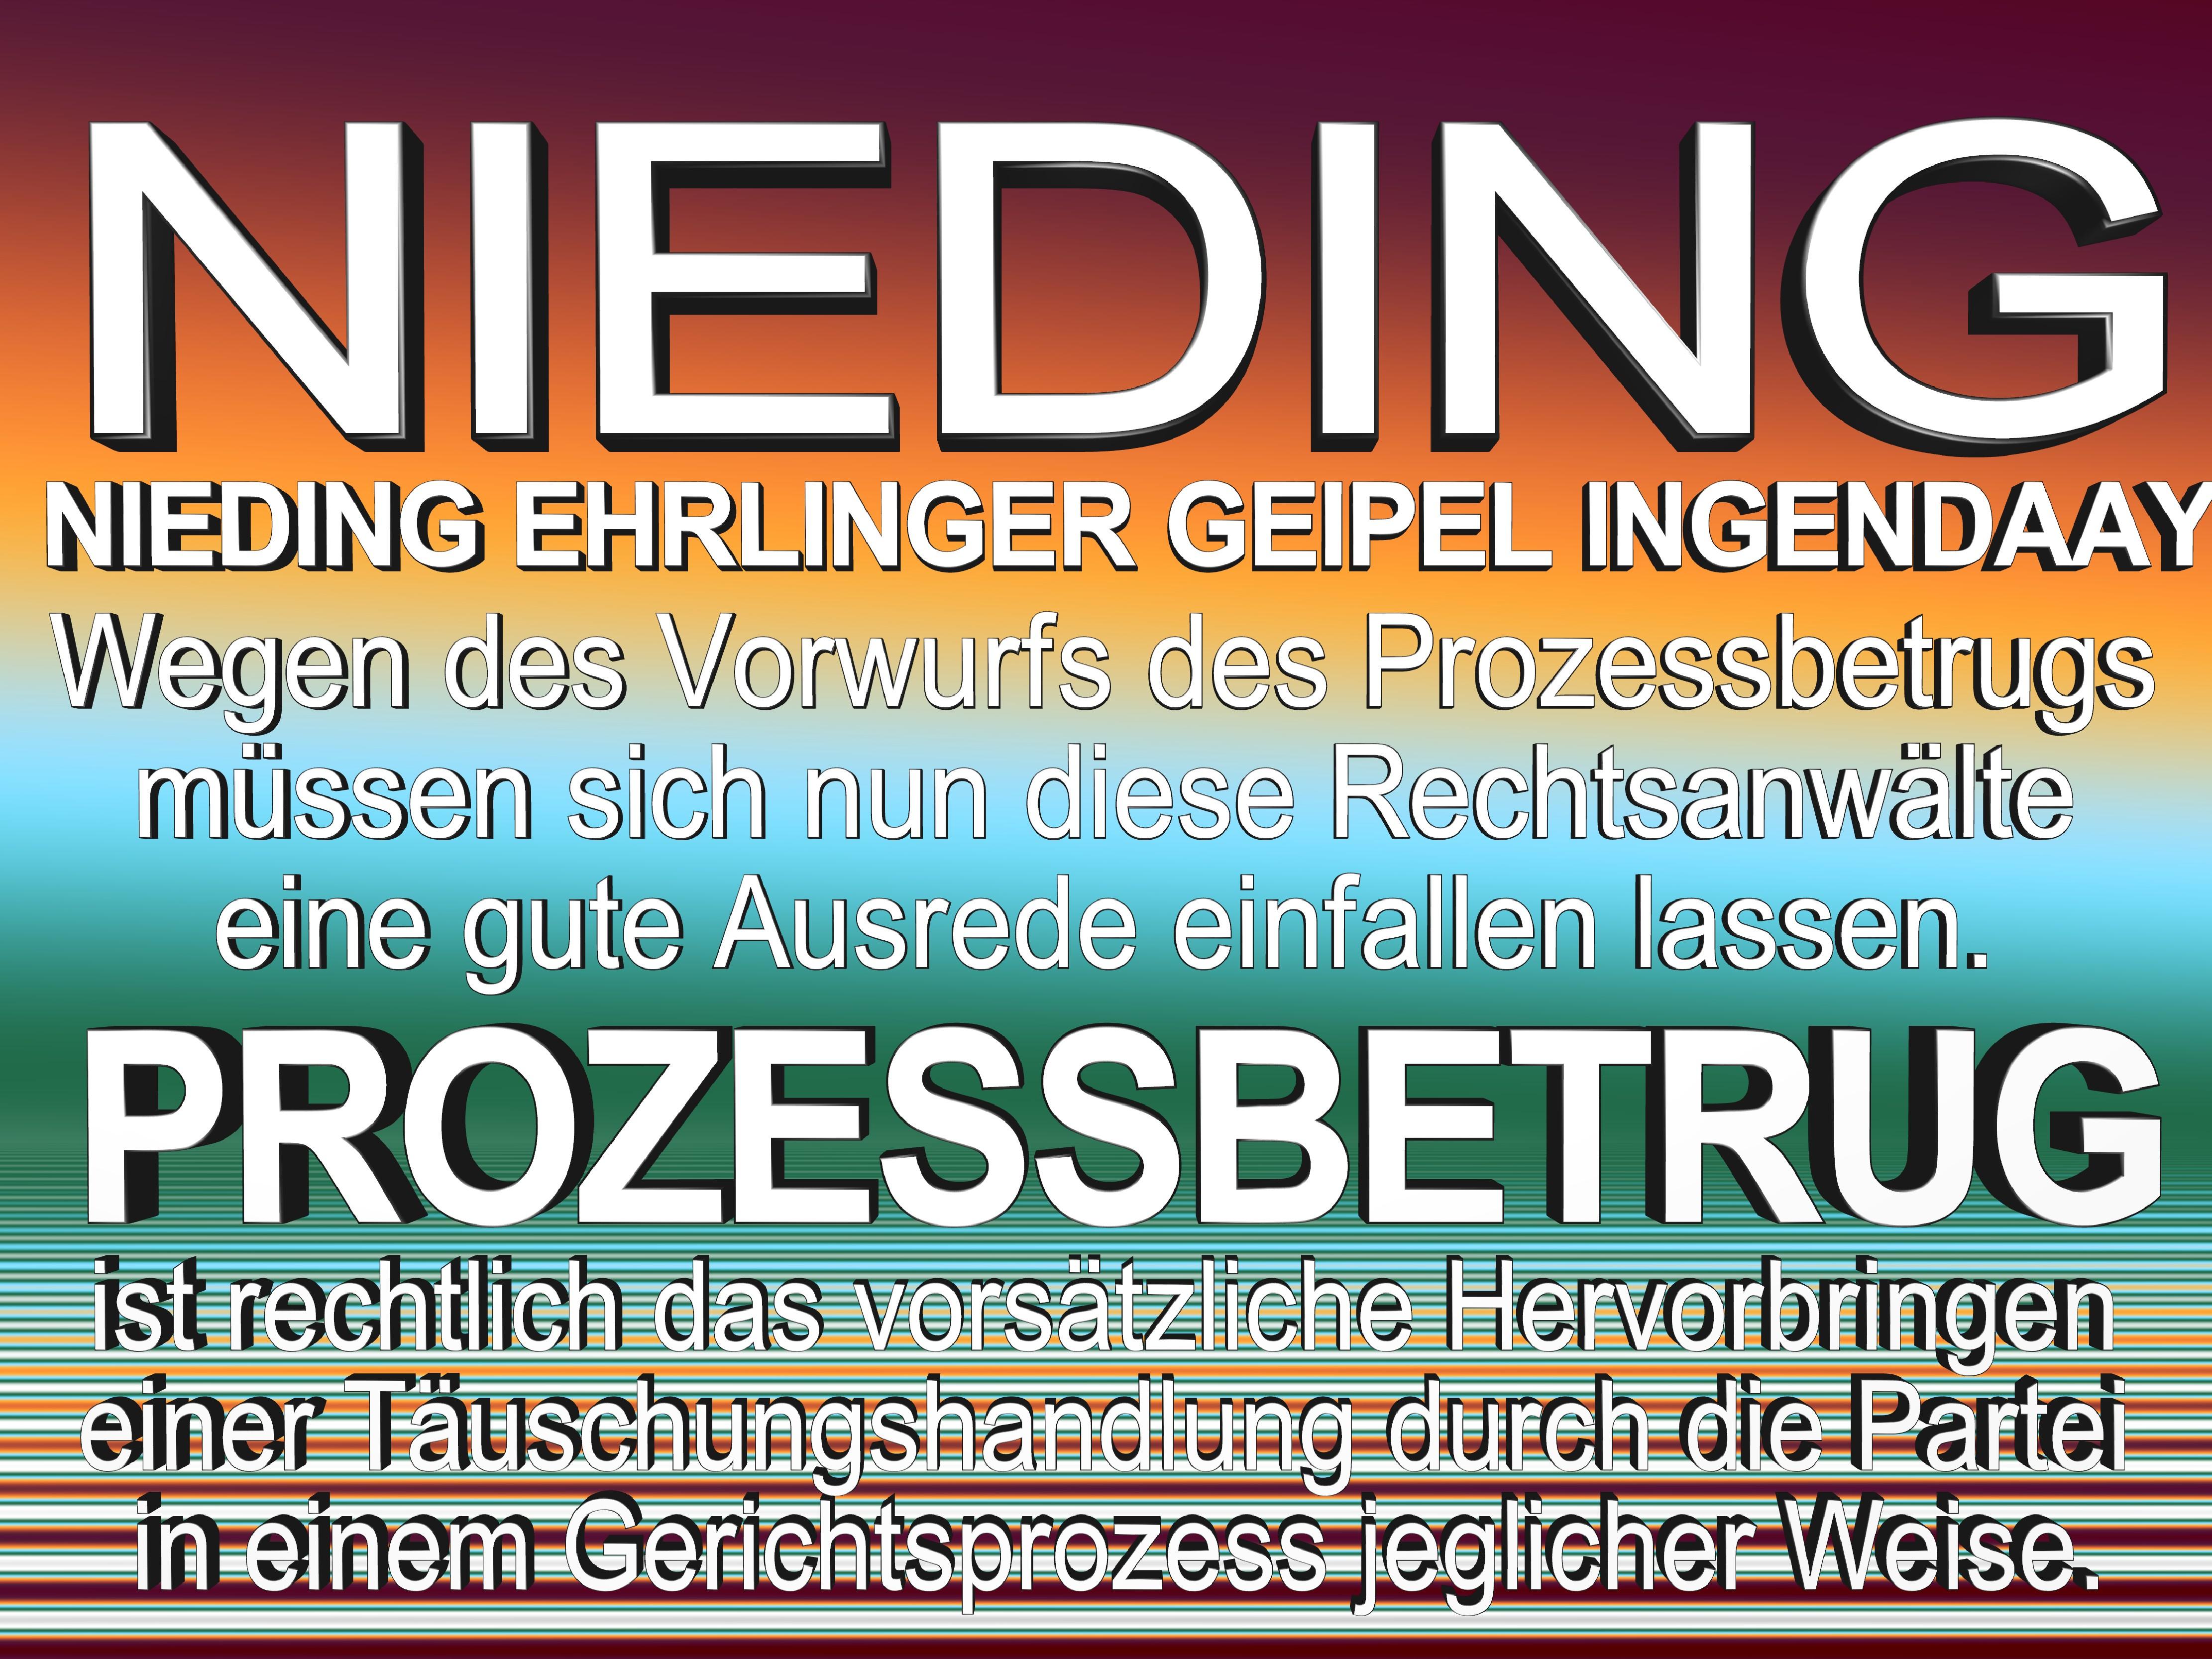 NIEDING EHRLINGER GEIPEL INGENDAAY LELKE Kurfürstendamm 66 Berlin (82)